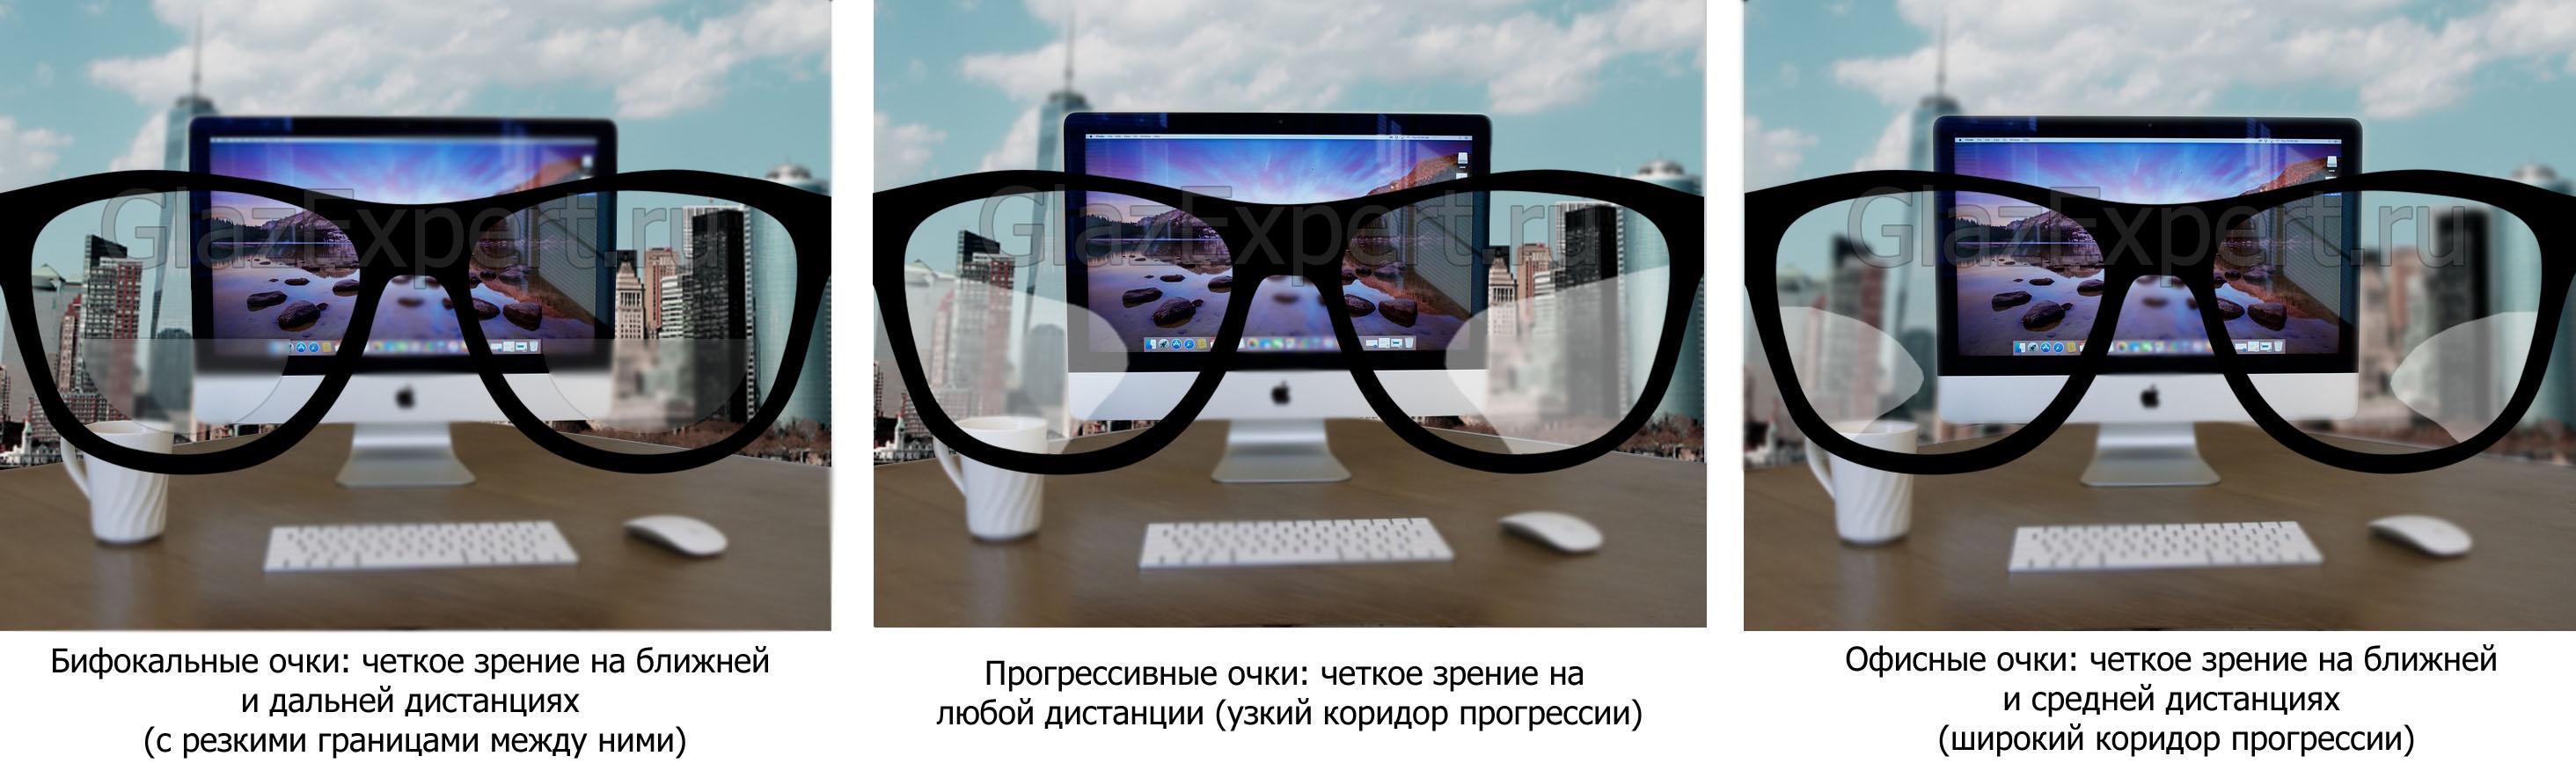 Мультифокальные очки: что это такое, кому нужны, плюсы и минусы oculistic.ru мультифокальные очки: что это такое, кому нужны, плюсы и минусы